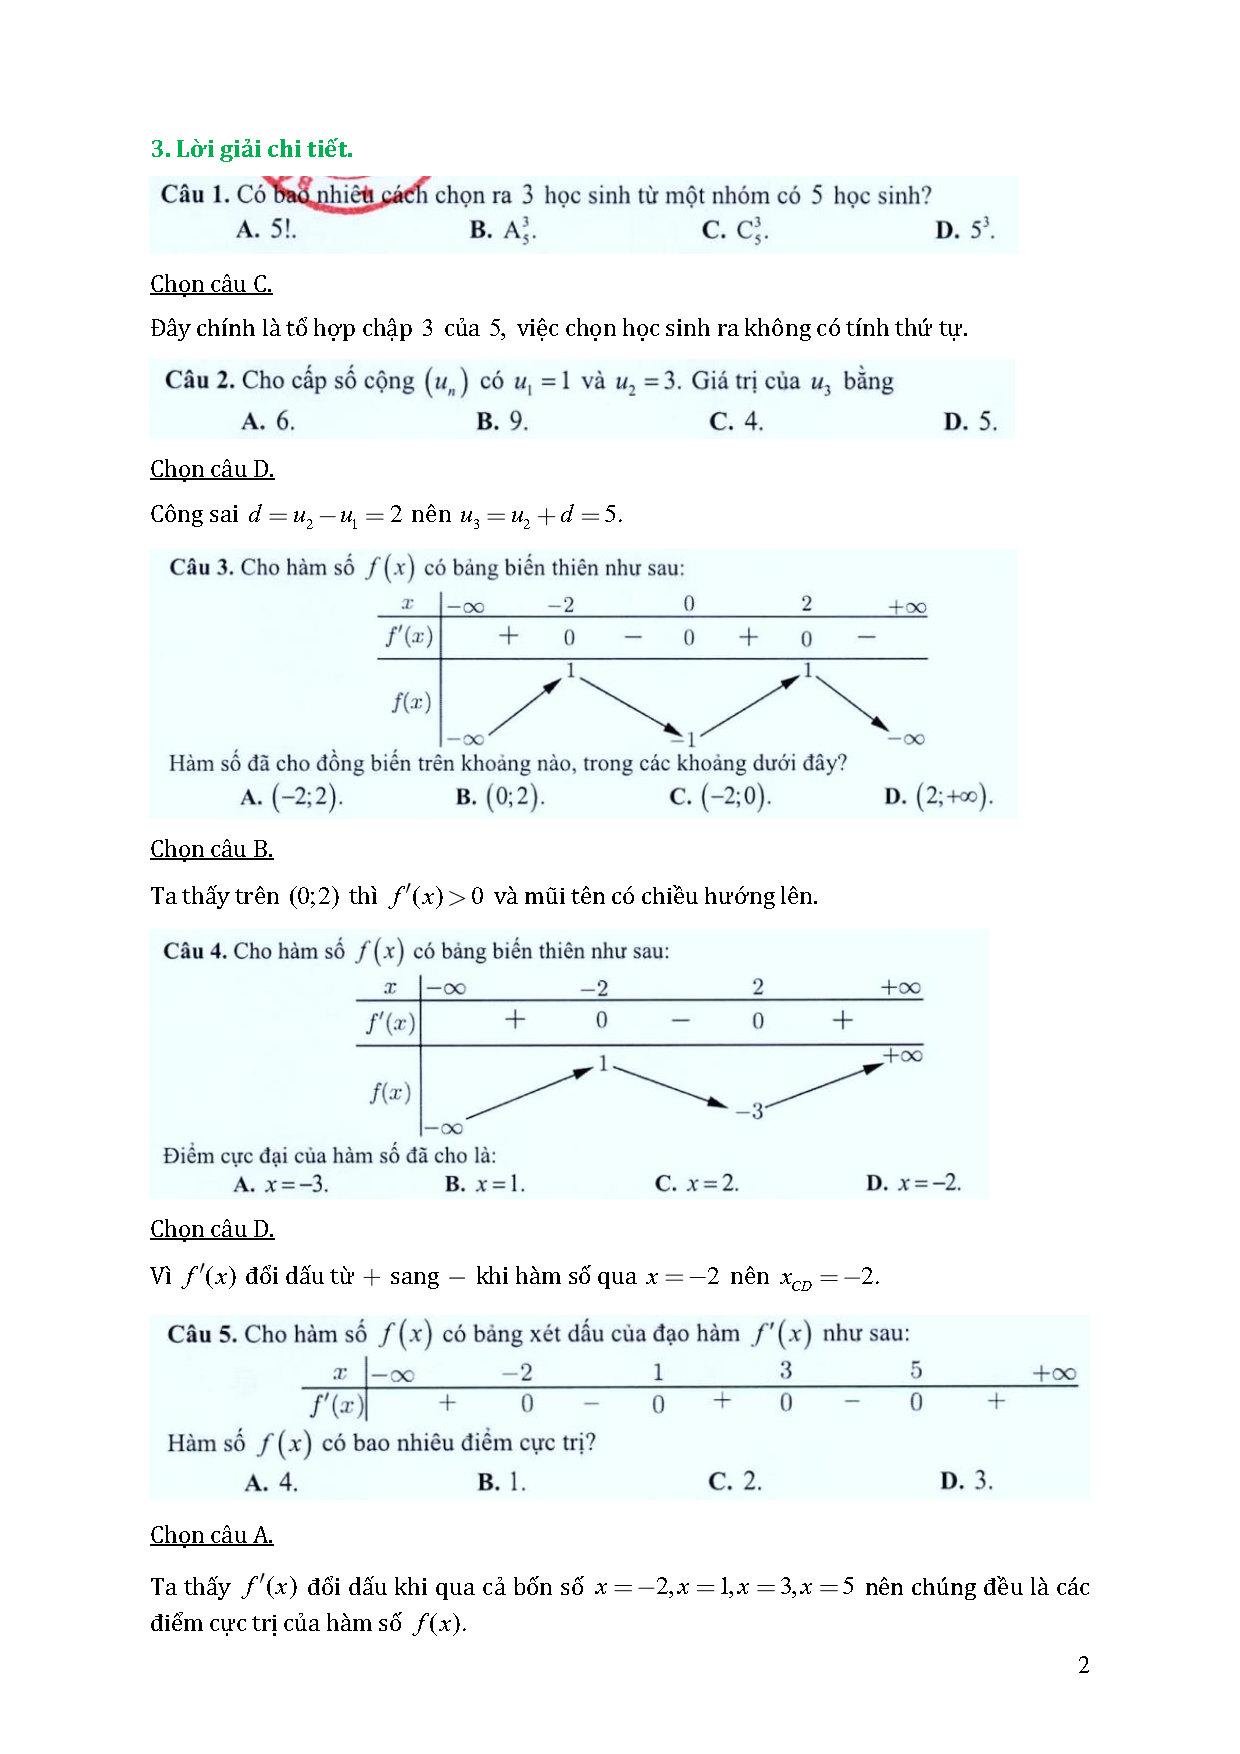 lời giải đề tham khảo môn toán 2021